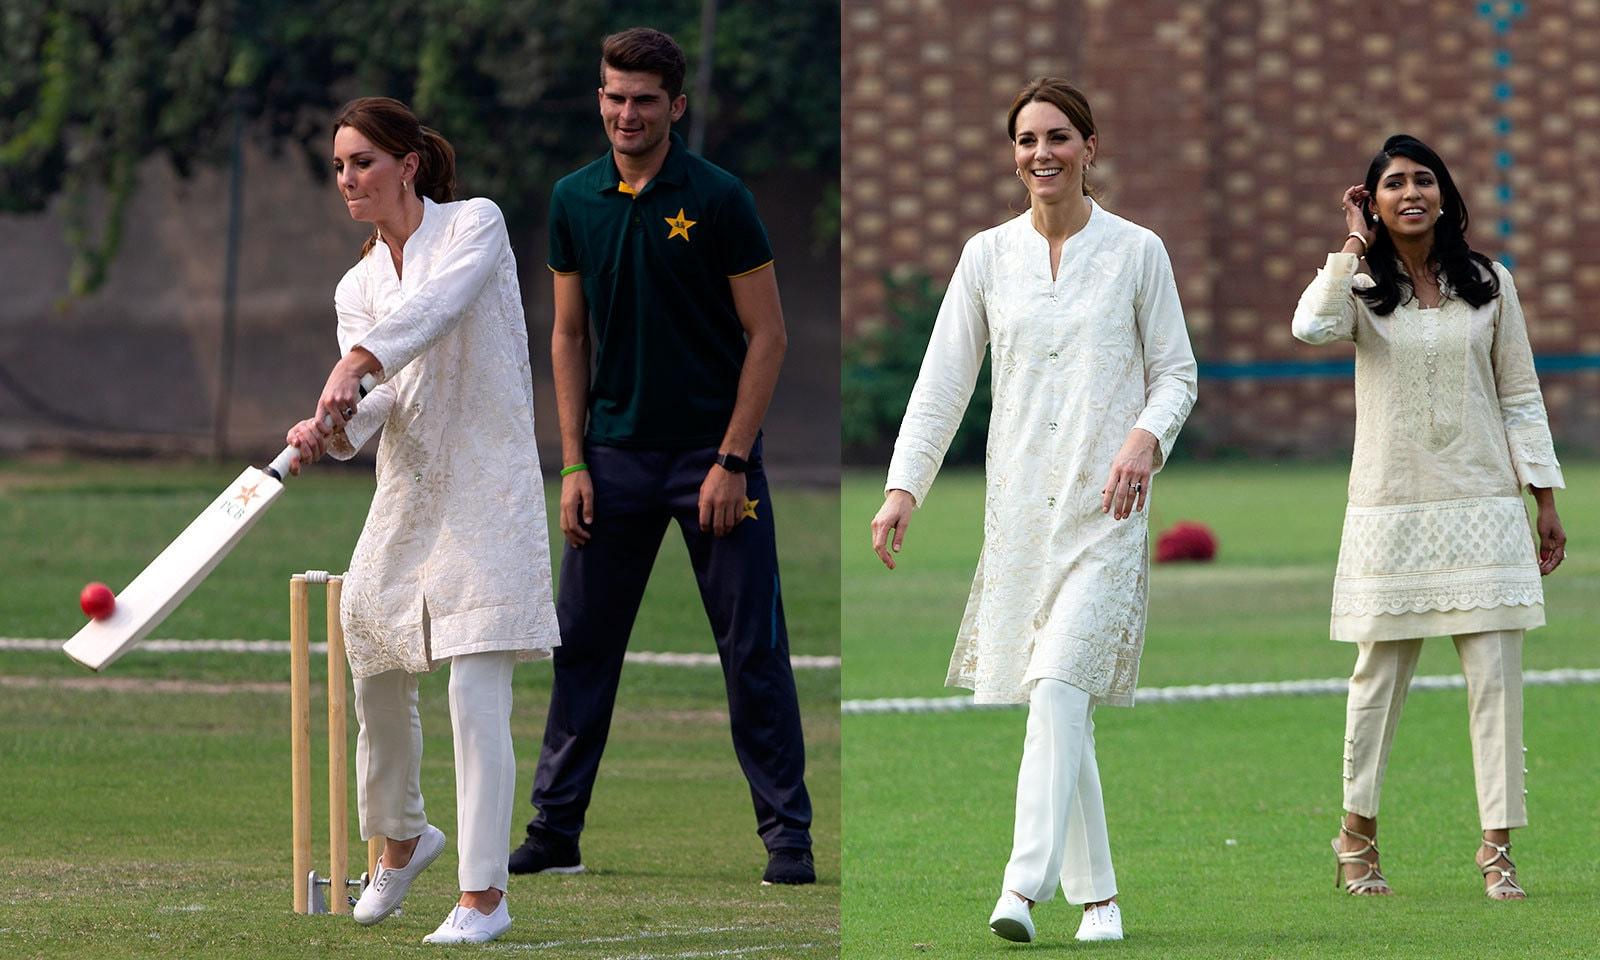 کیٹ مڈلٹن نے کرکٹ بھی کھیلی—فوٹو: اے پی